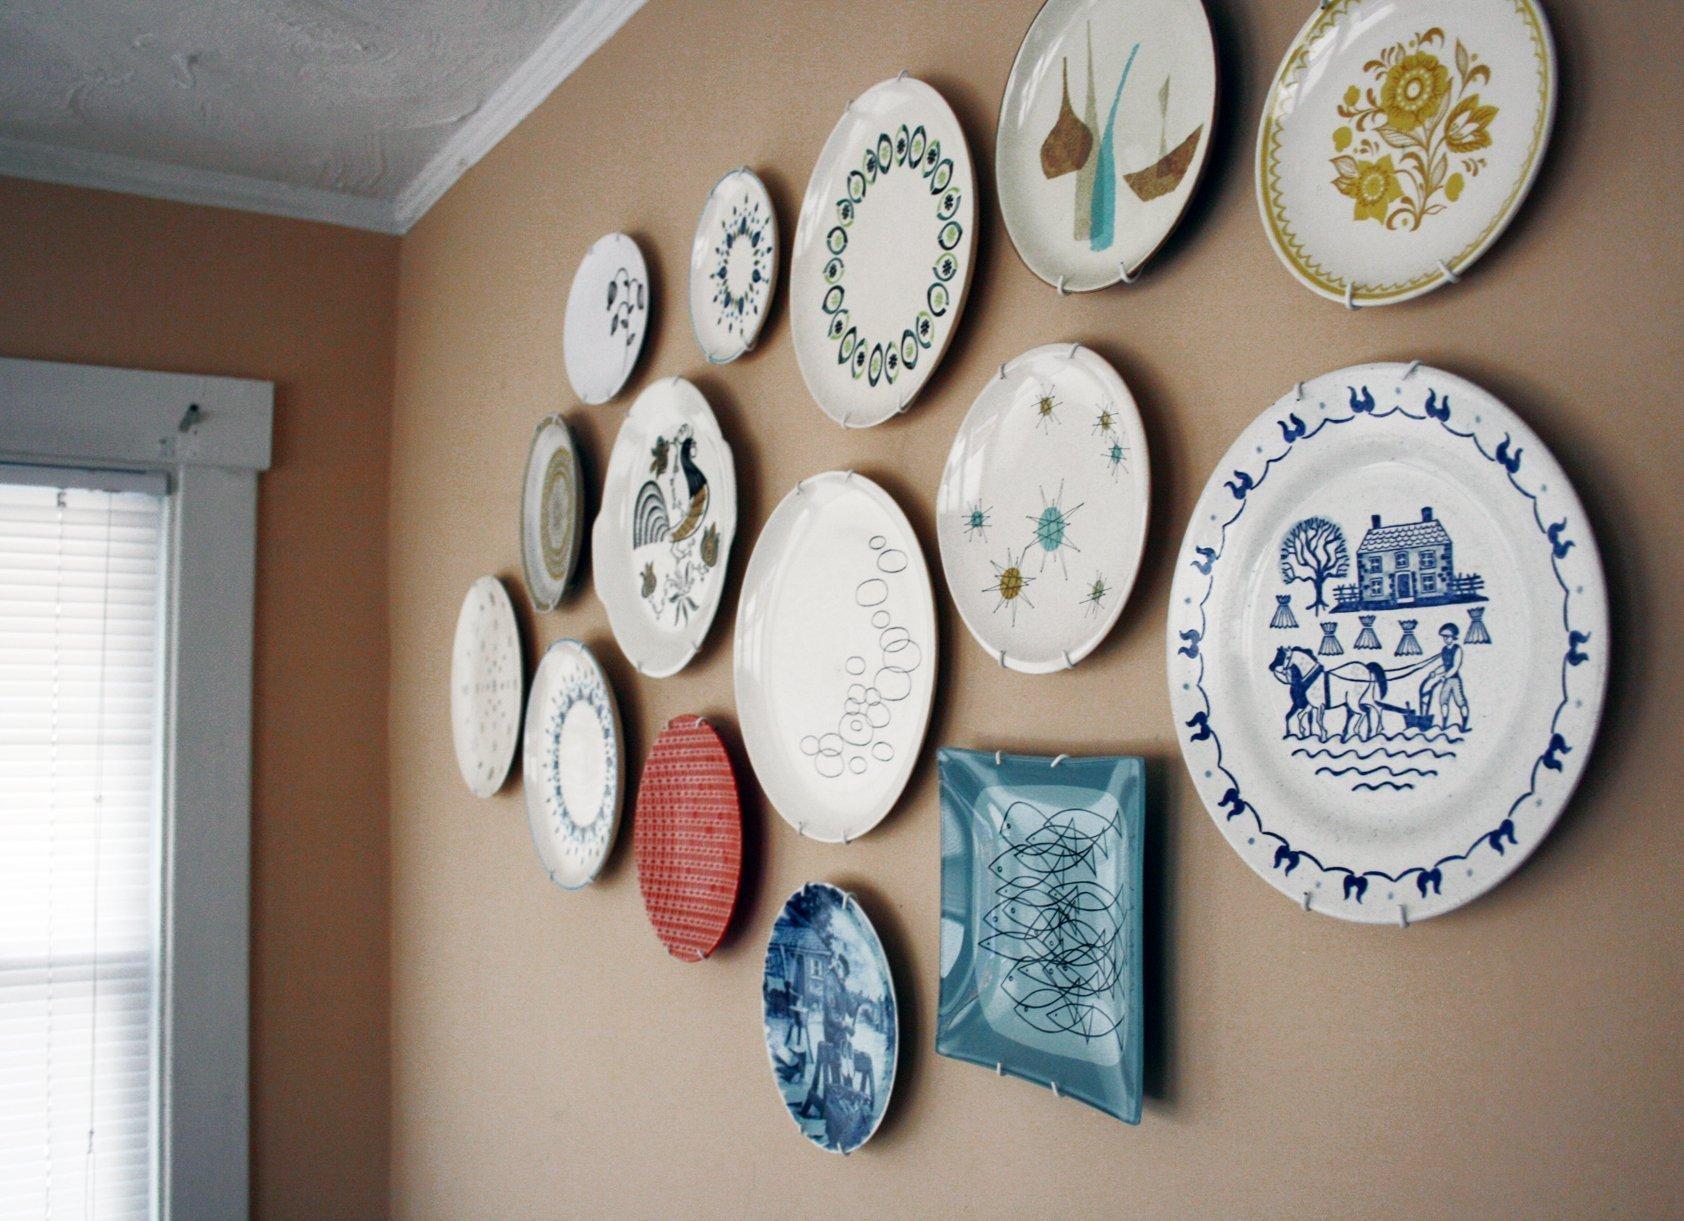 скрытой камерой фотографии стен украшенных тарелками детально